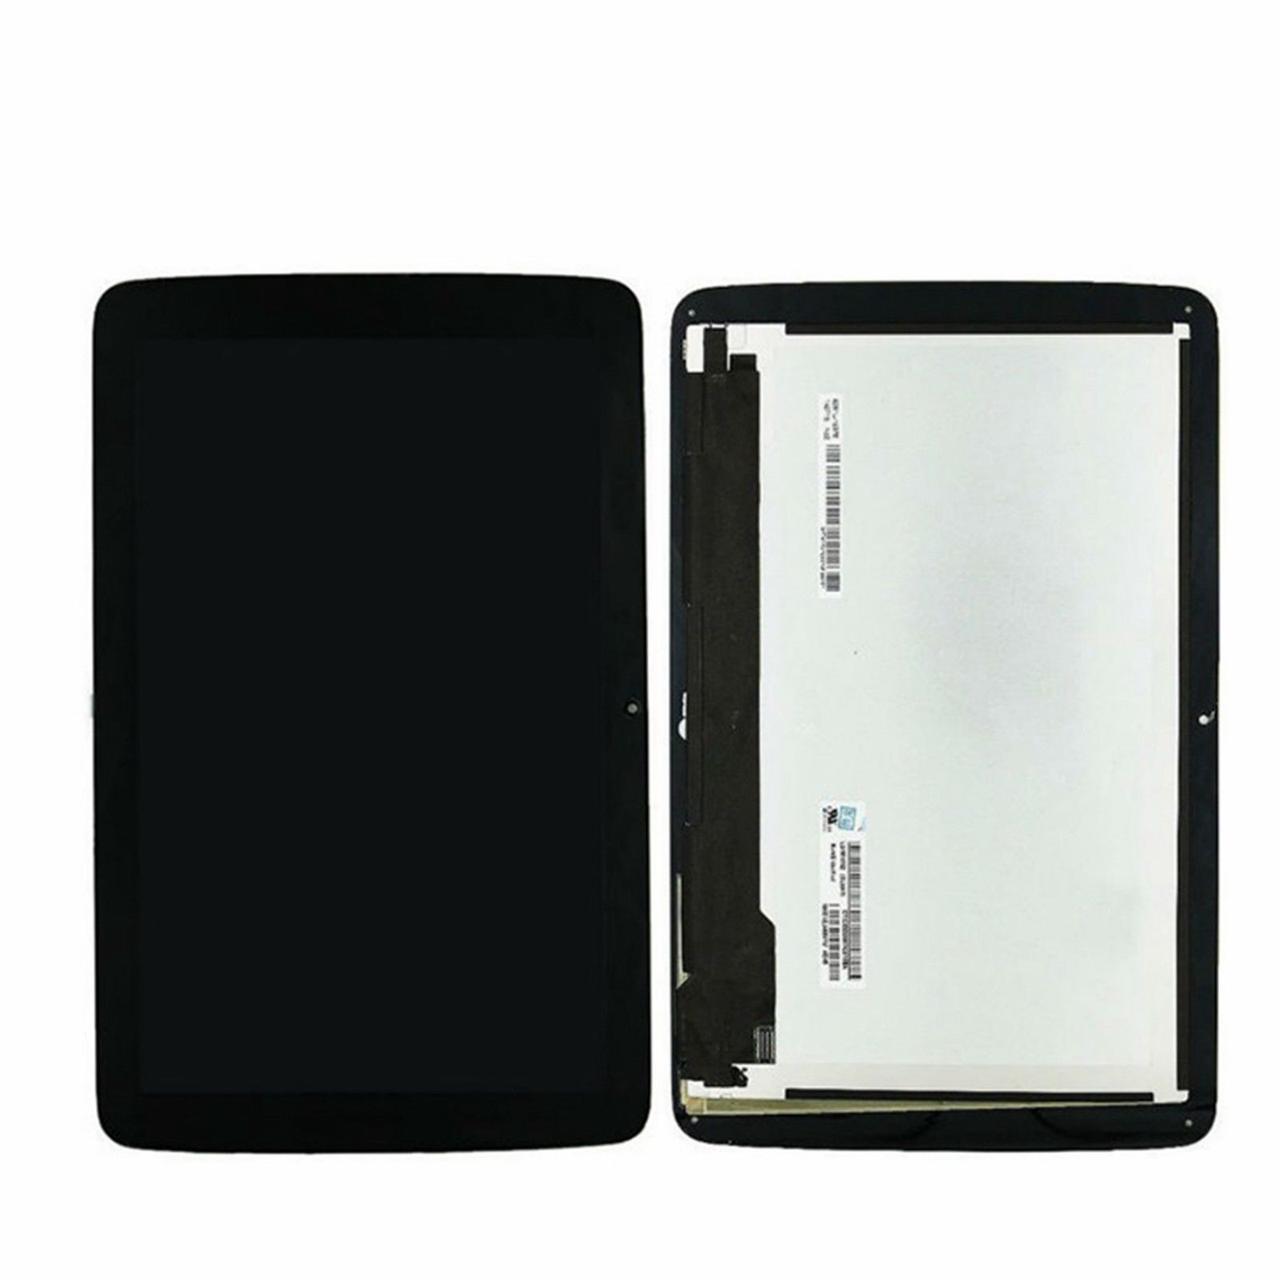 Дисплей (экран) для планшета LG V700 G Pad 10.1 с сенсором (тачскрином) черный